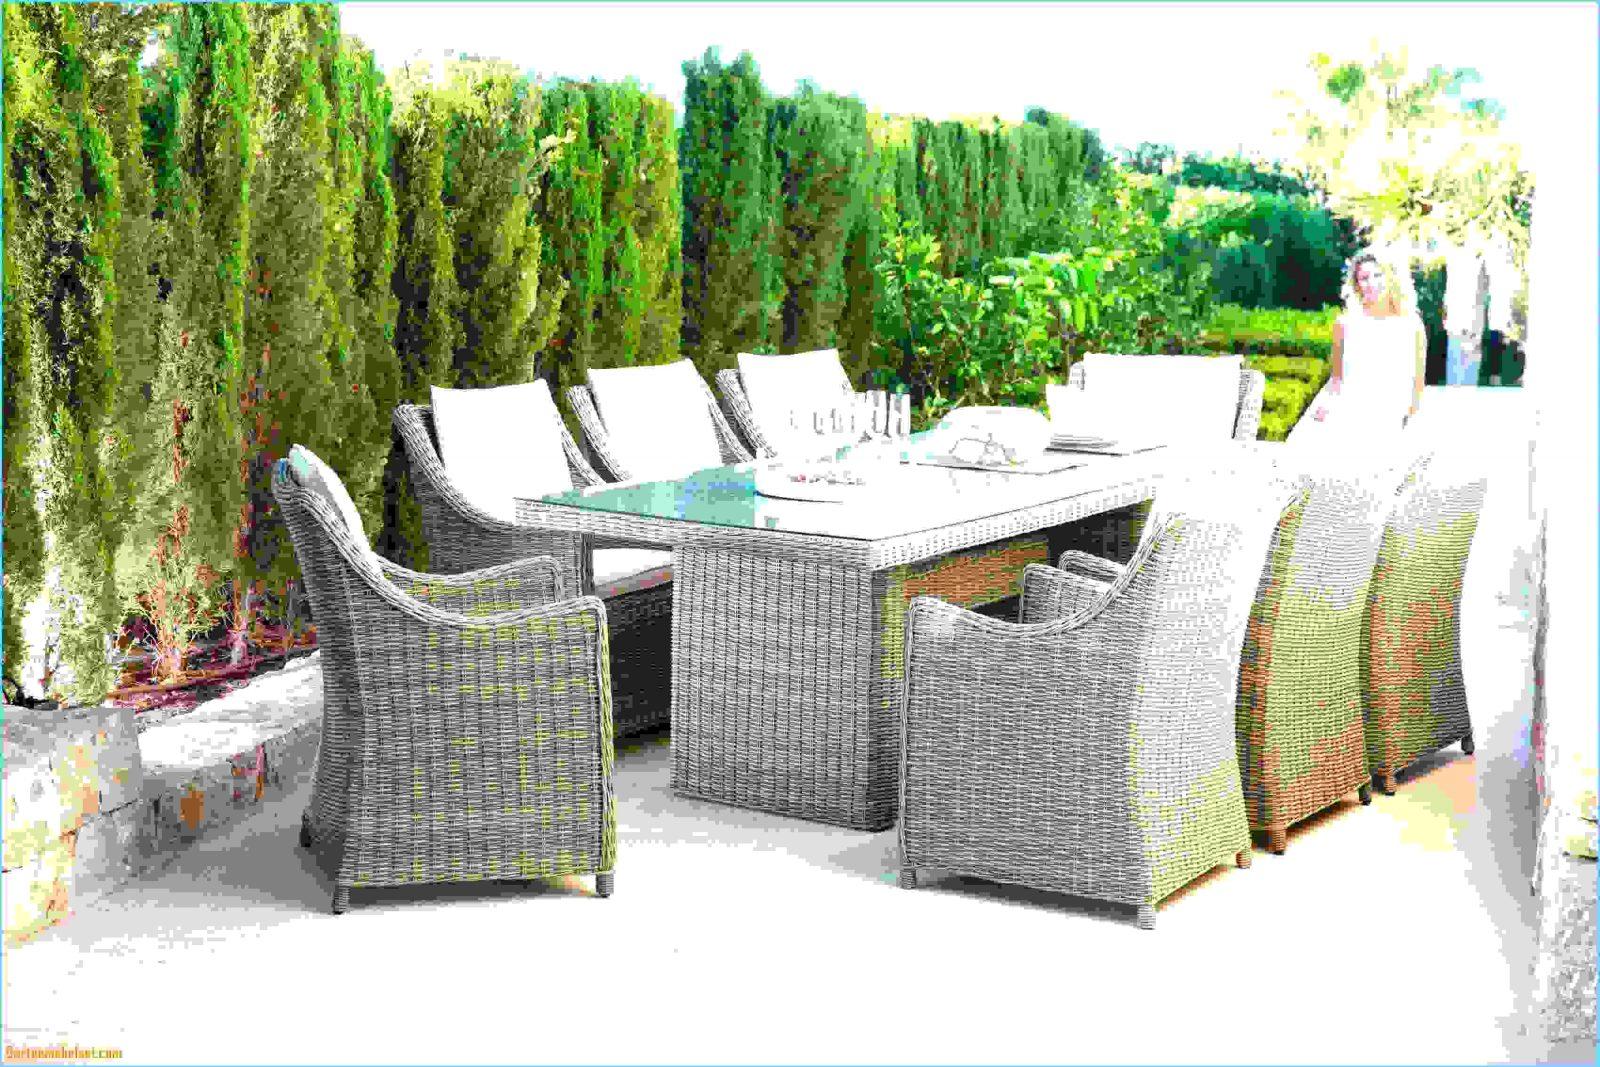 Abdeckung Gartenmobel Nach Mass Haus Design Ideen